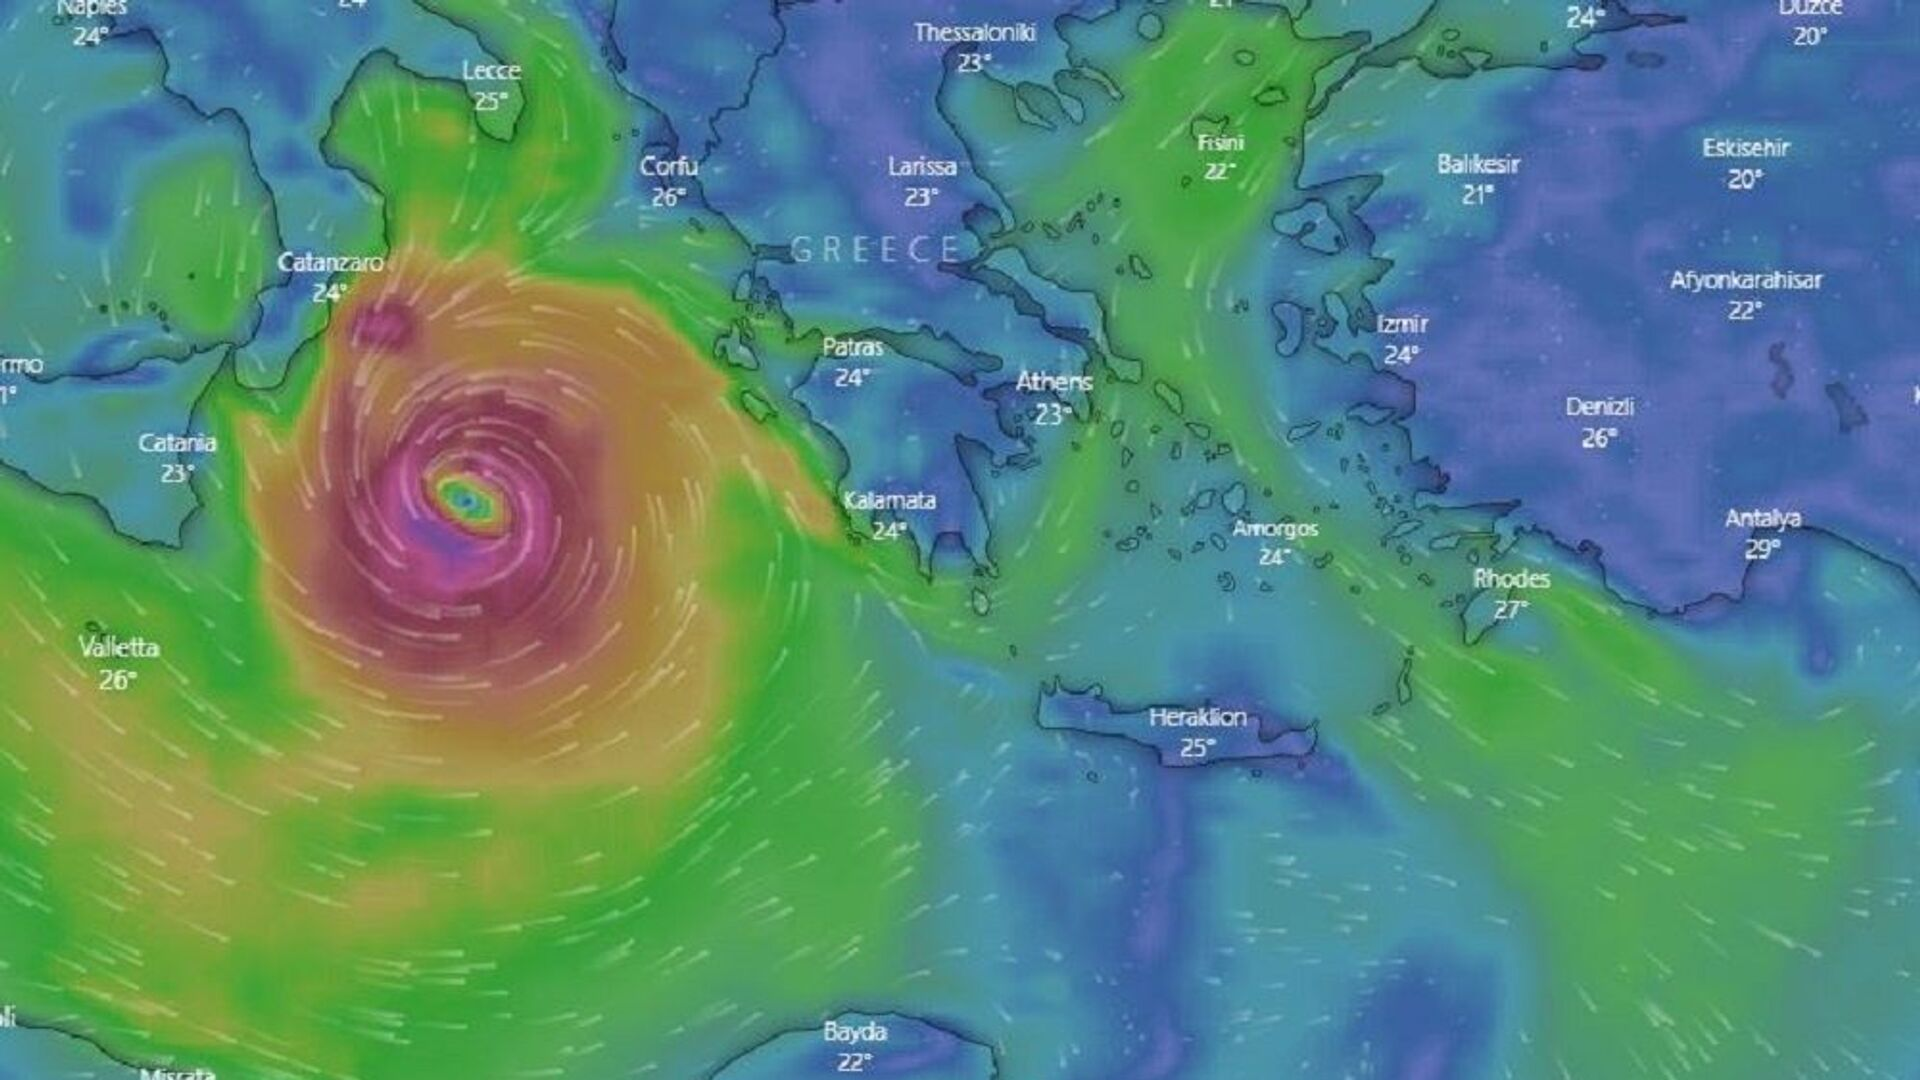 Κακοκαιρία Ιανός: Η πορεία του μεσογειακού κυκλώνα, Σεπτέμβριος 2020 - Sputnik Ελλάδα, 1920, 04.10.2021